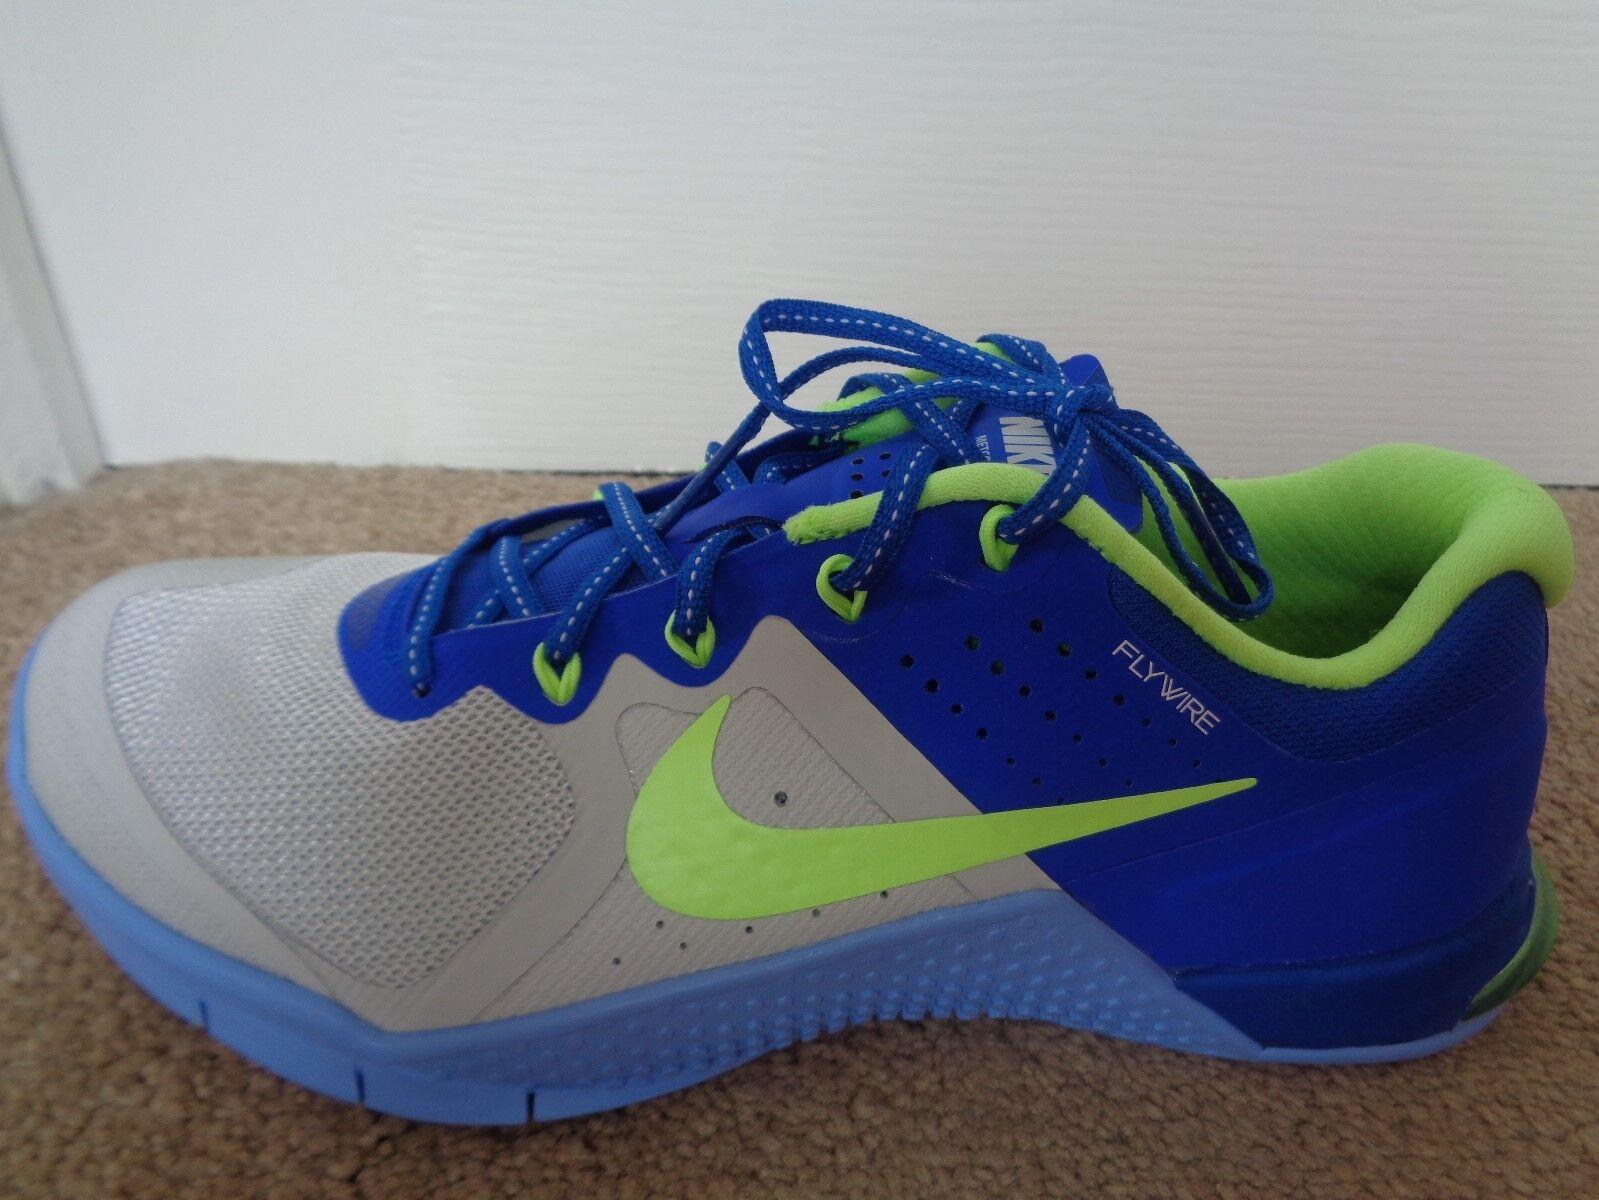 separation shoes 85ed6 c2832 ... Nike Zapatos Tenis Zapatillas Metcon 2 para mujer 821913 003 nos 8  Nuevo + Caja ...